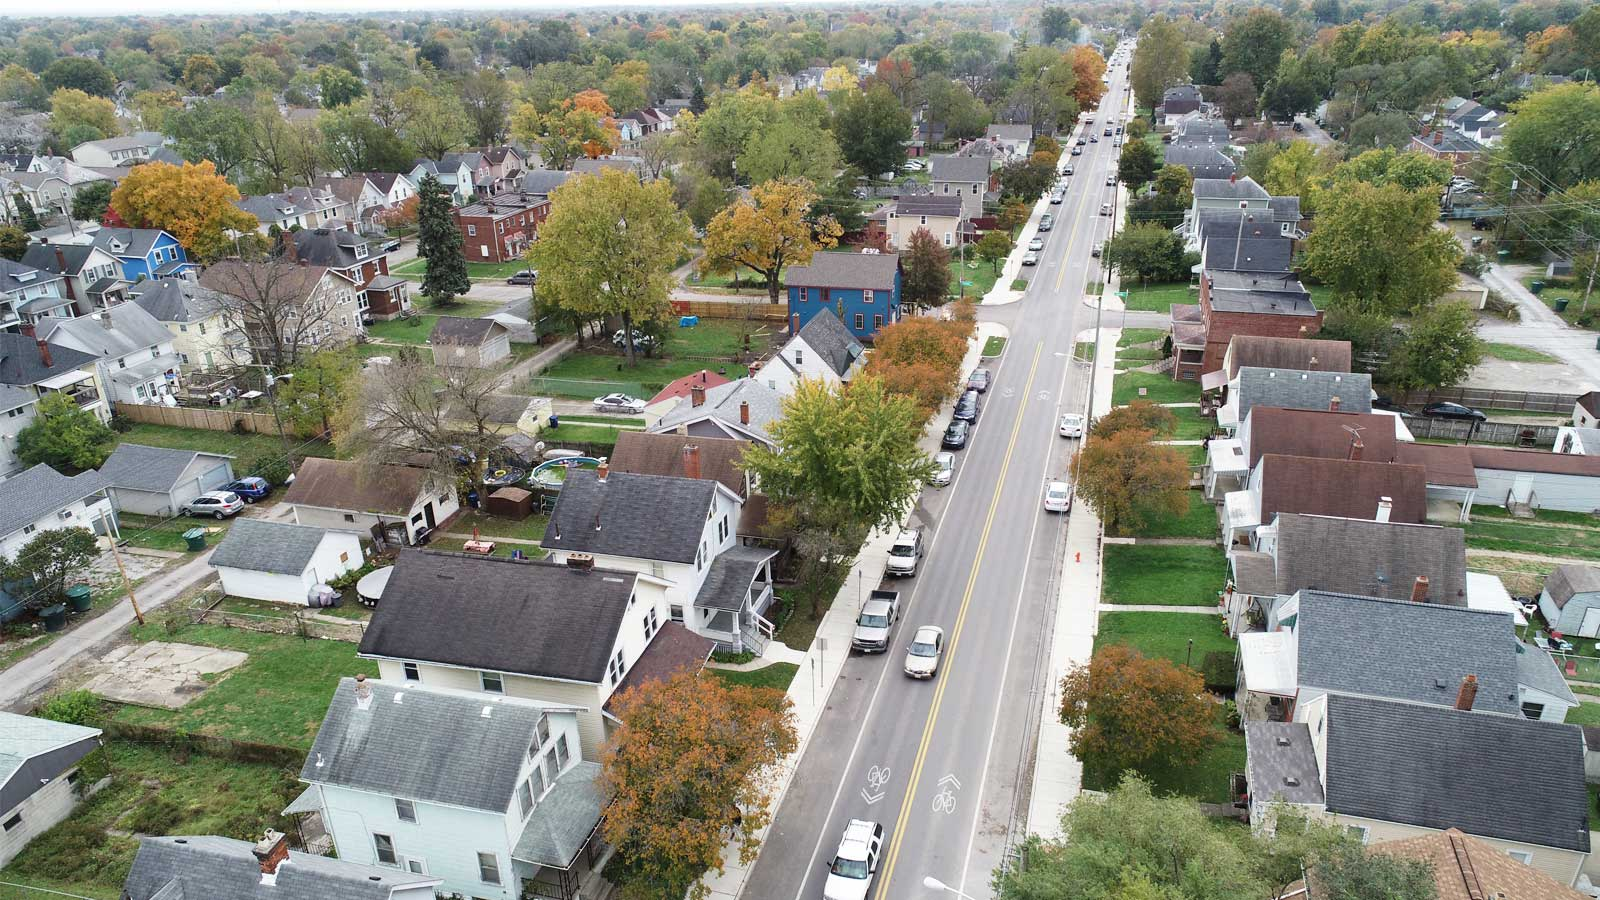 Hague Avenue Improvements